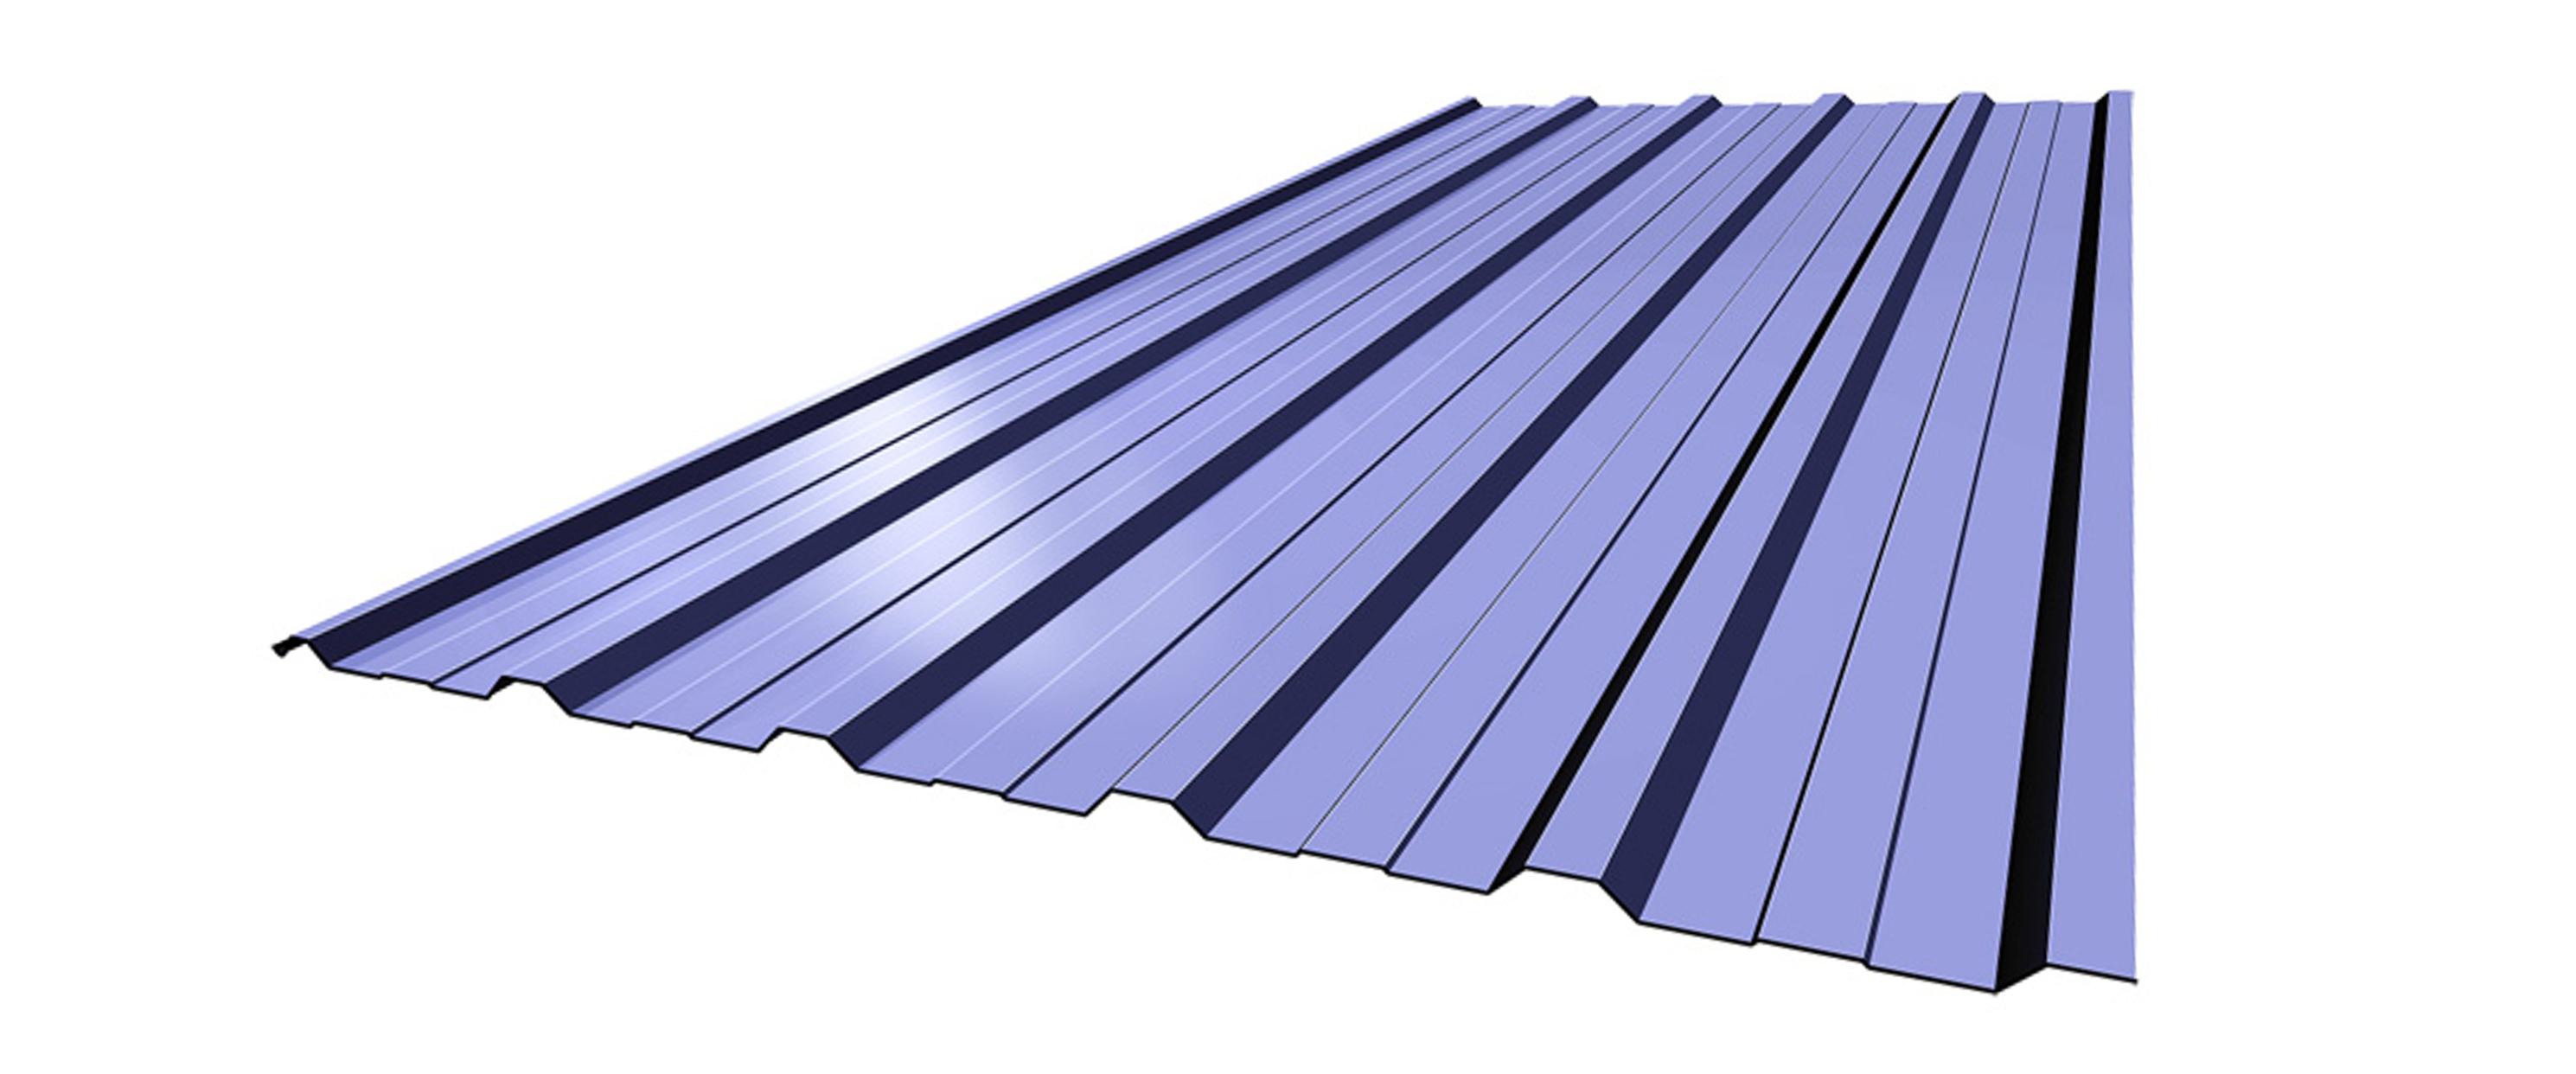 Blacha trapezowa - Profil dachowy